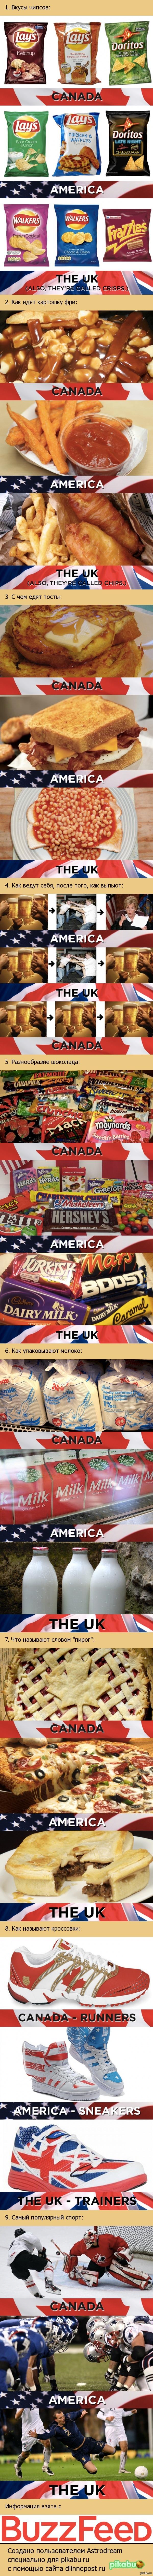 Различия между США, Великобританией и Канадой Несерьезная подборка